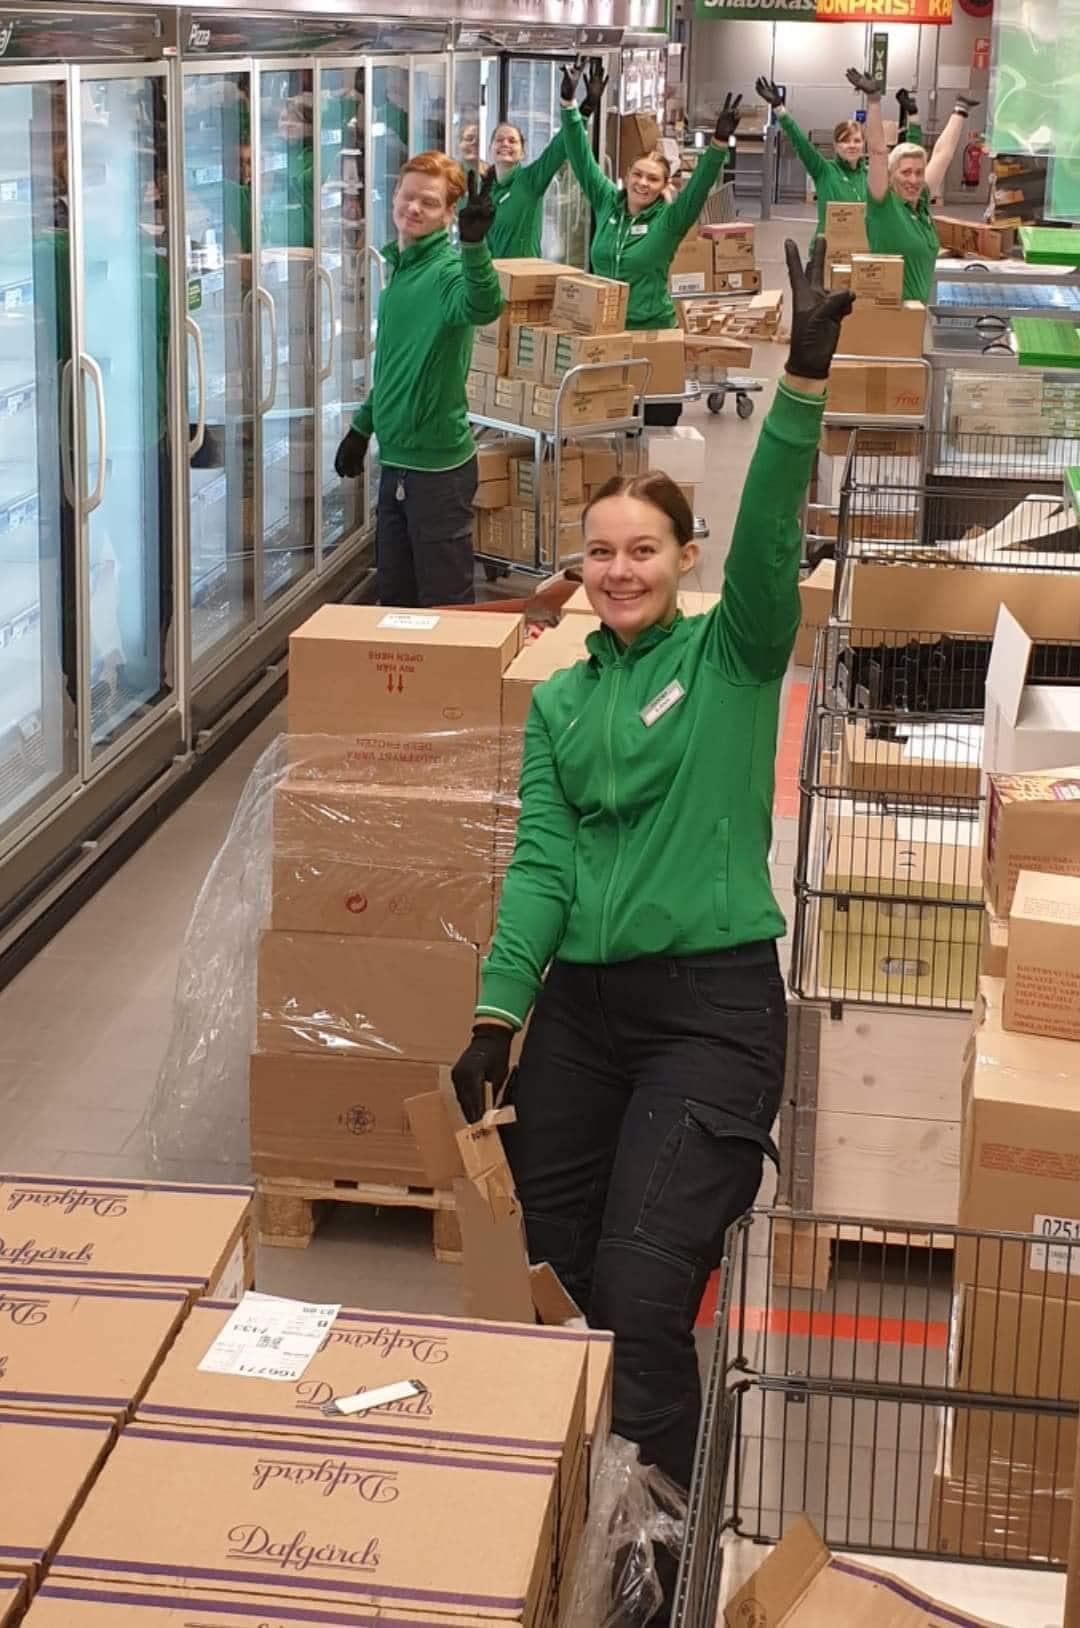 Butikspersonal som packar upp lådor